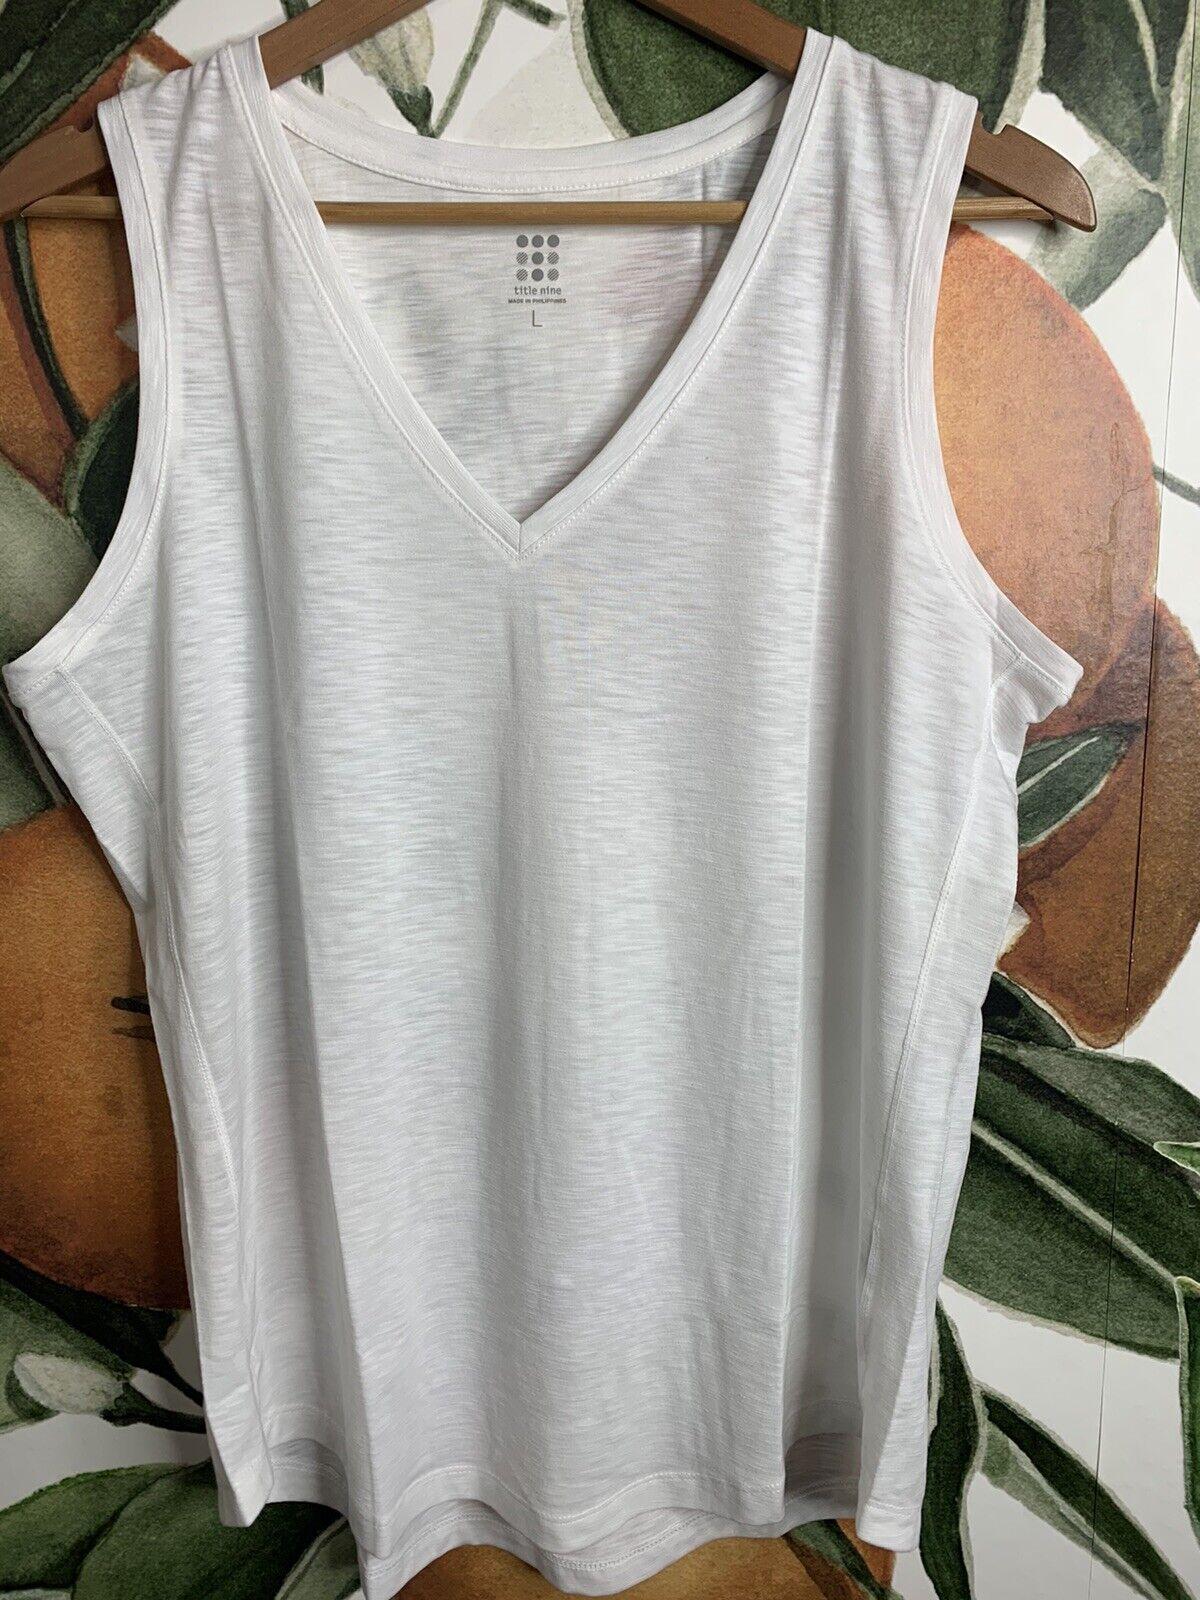 Title Nine L Large Matahari V Neck Shirt Tank Top White New w/o Tags RT